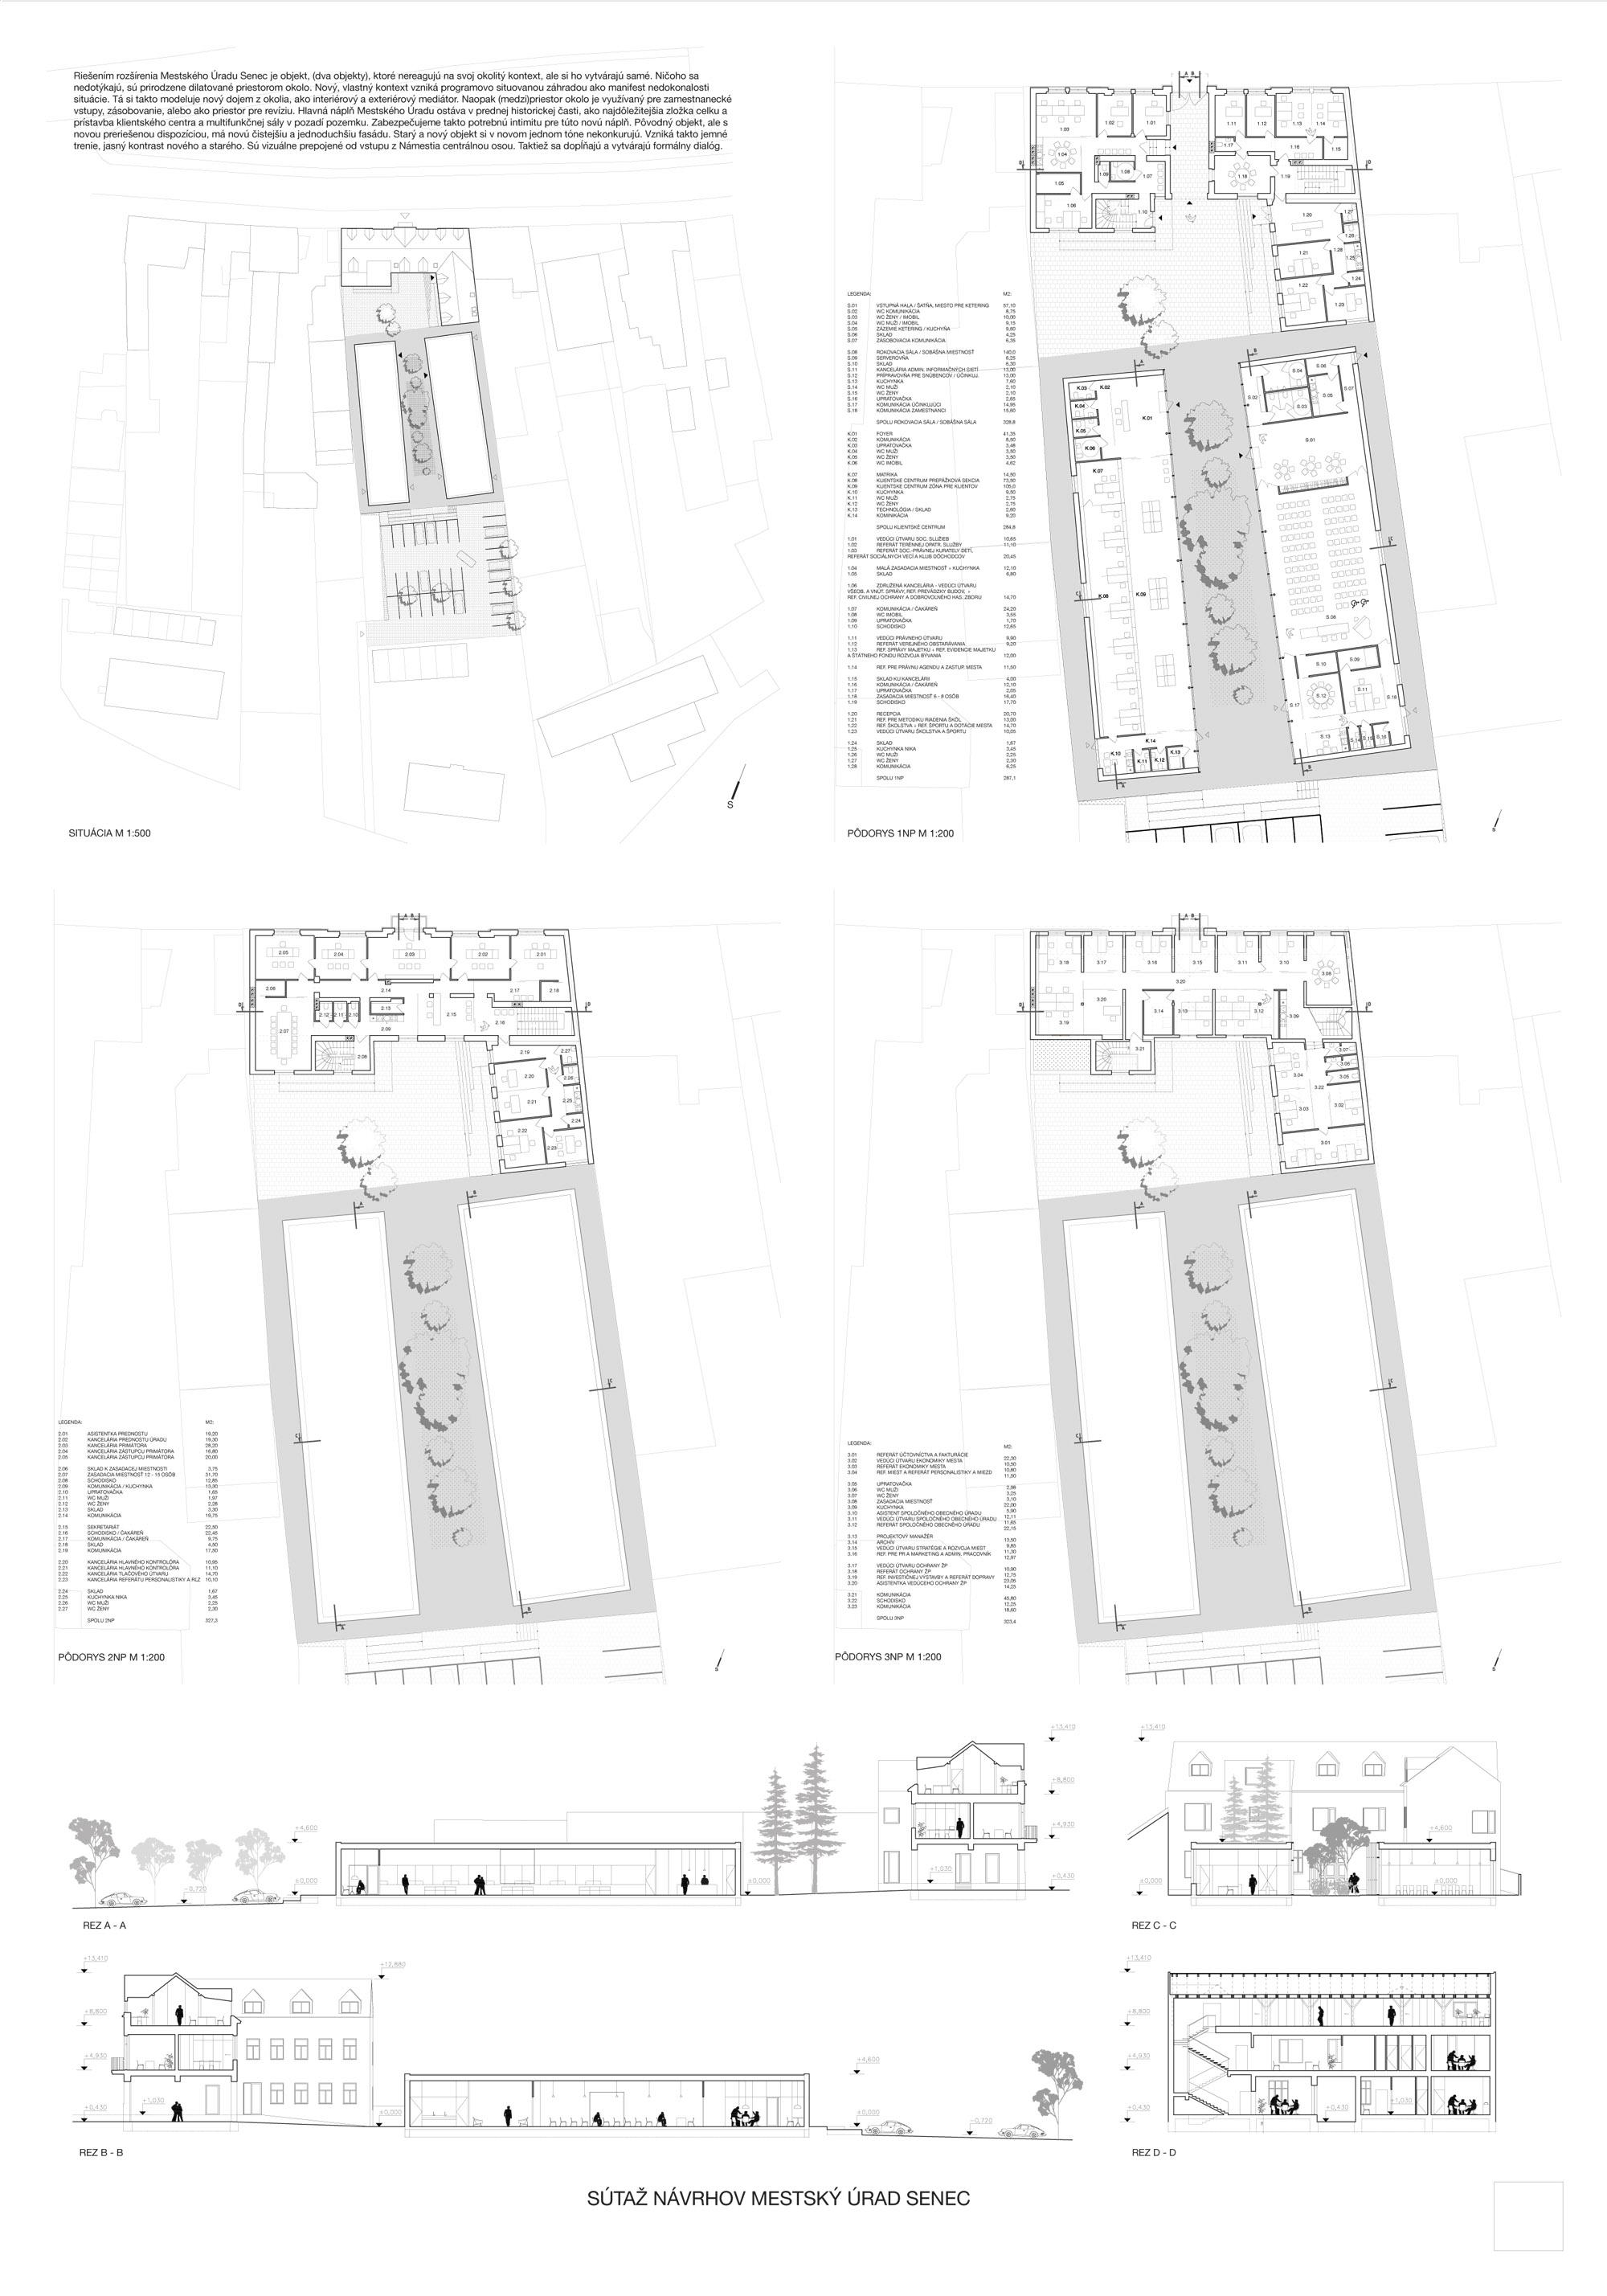 návrh č. 12: M. Honč, R. Kilo, P. Vadkerti, M. Kľučár (3. cena)